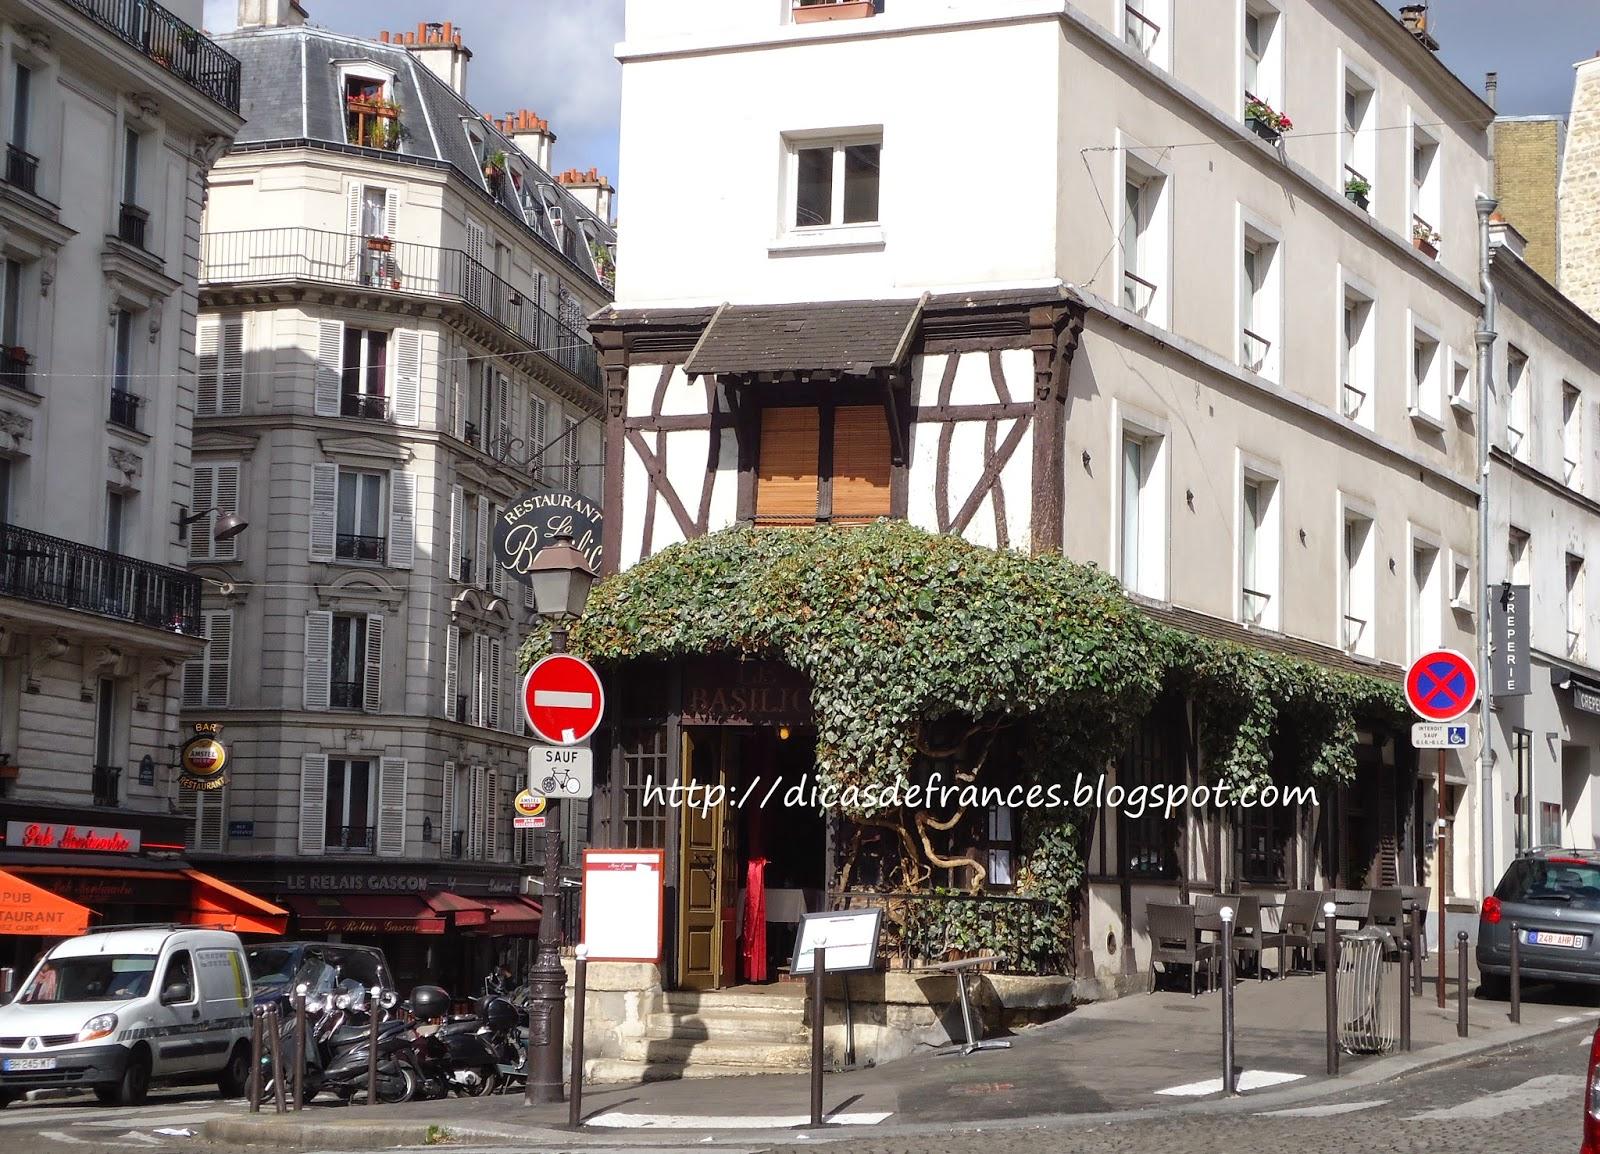 Dicas pr ticas de franc s para brasileiros montmartre for Miroir restaurant montmartre